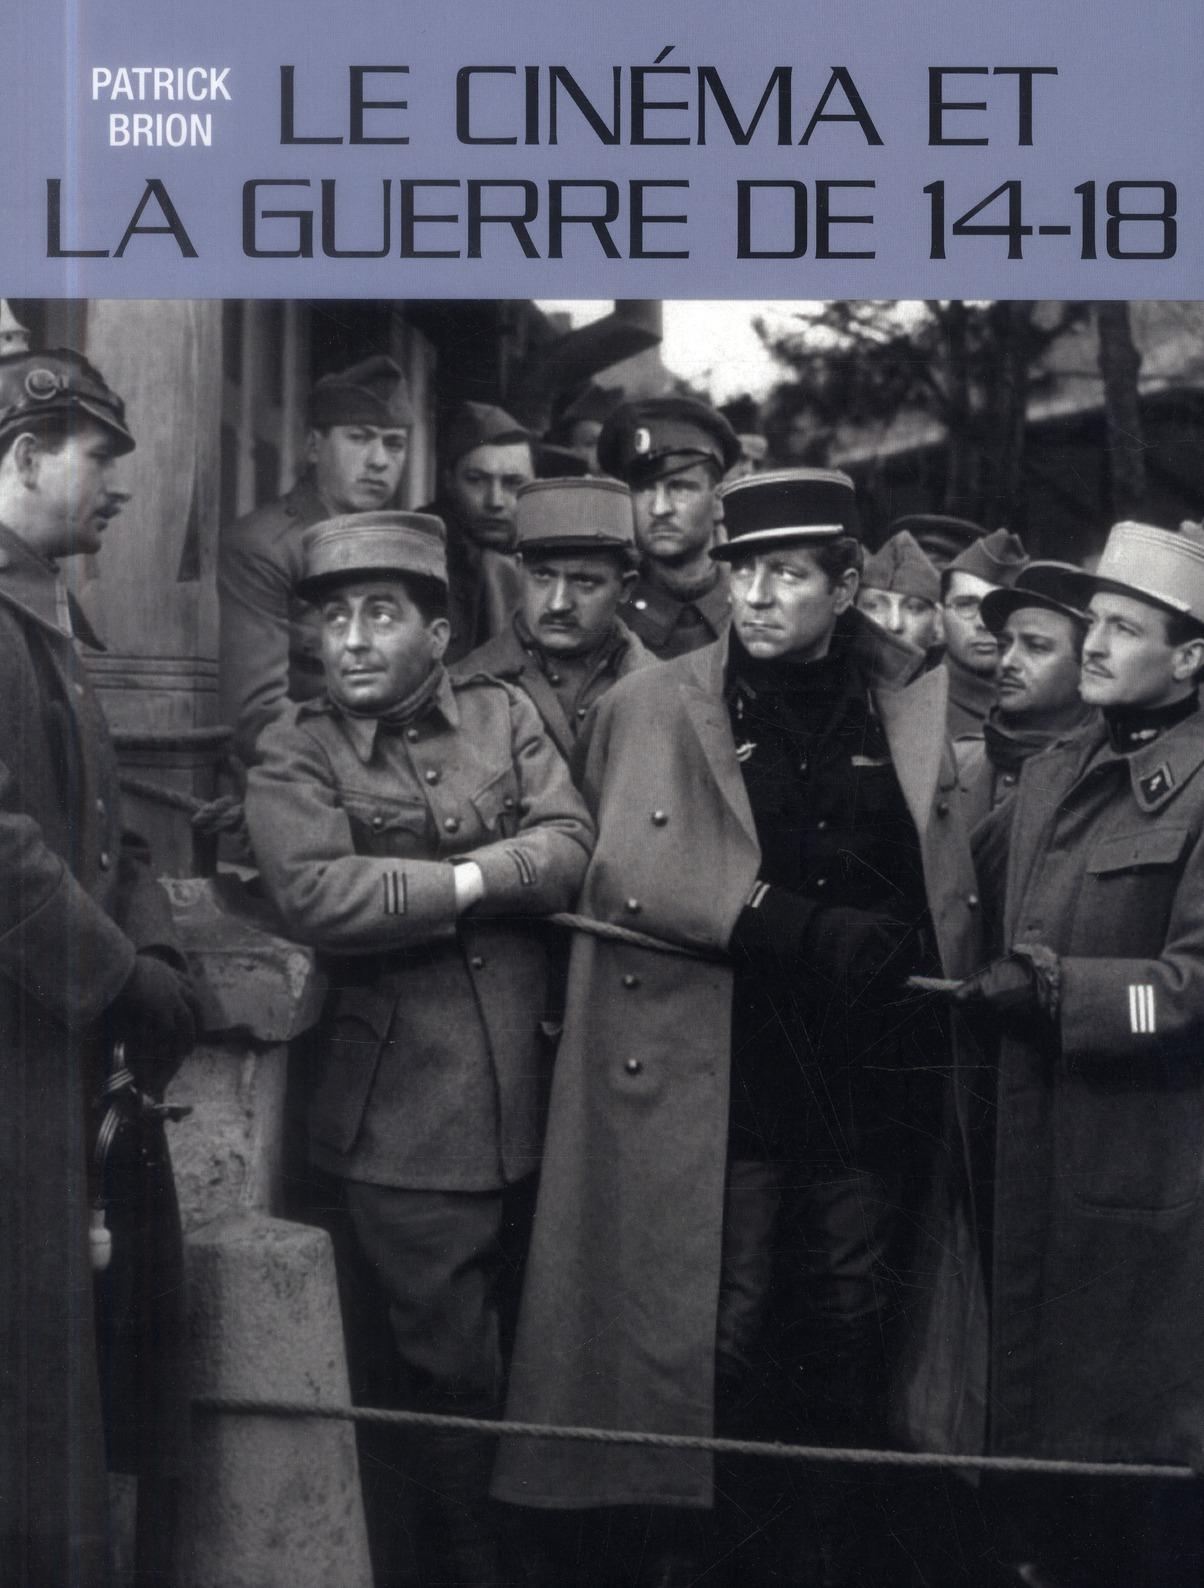 LE CINEMA ET LA GUERRE DE 14-18